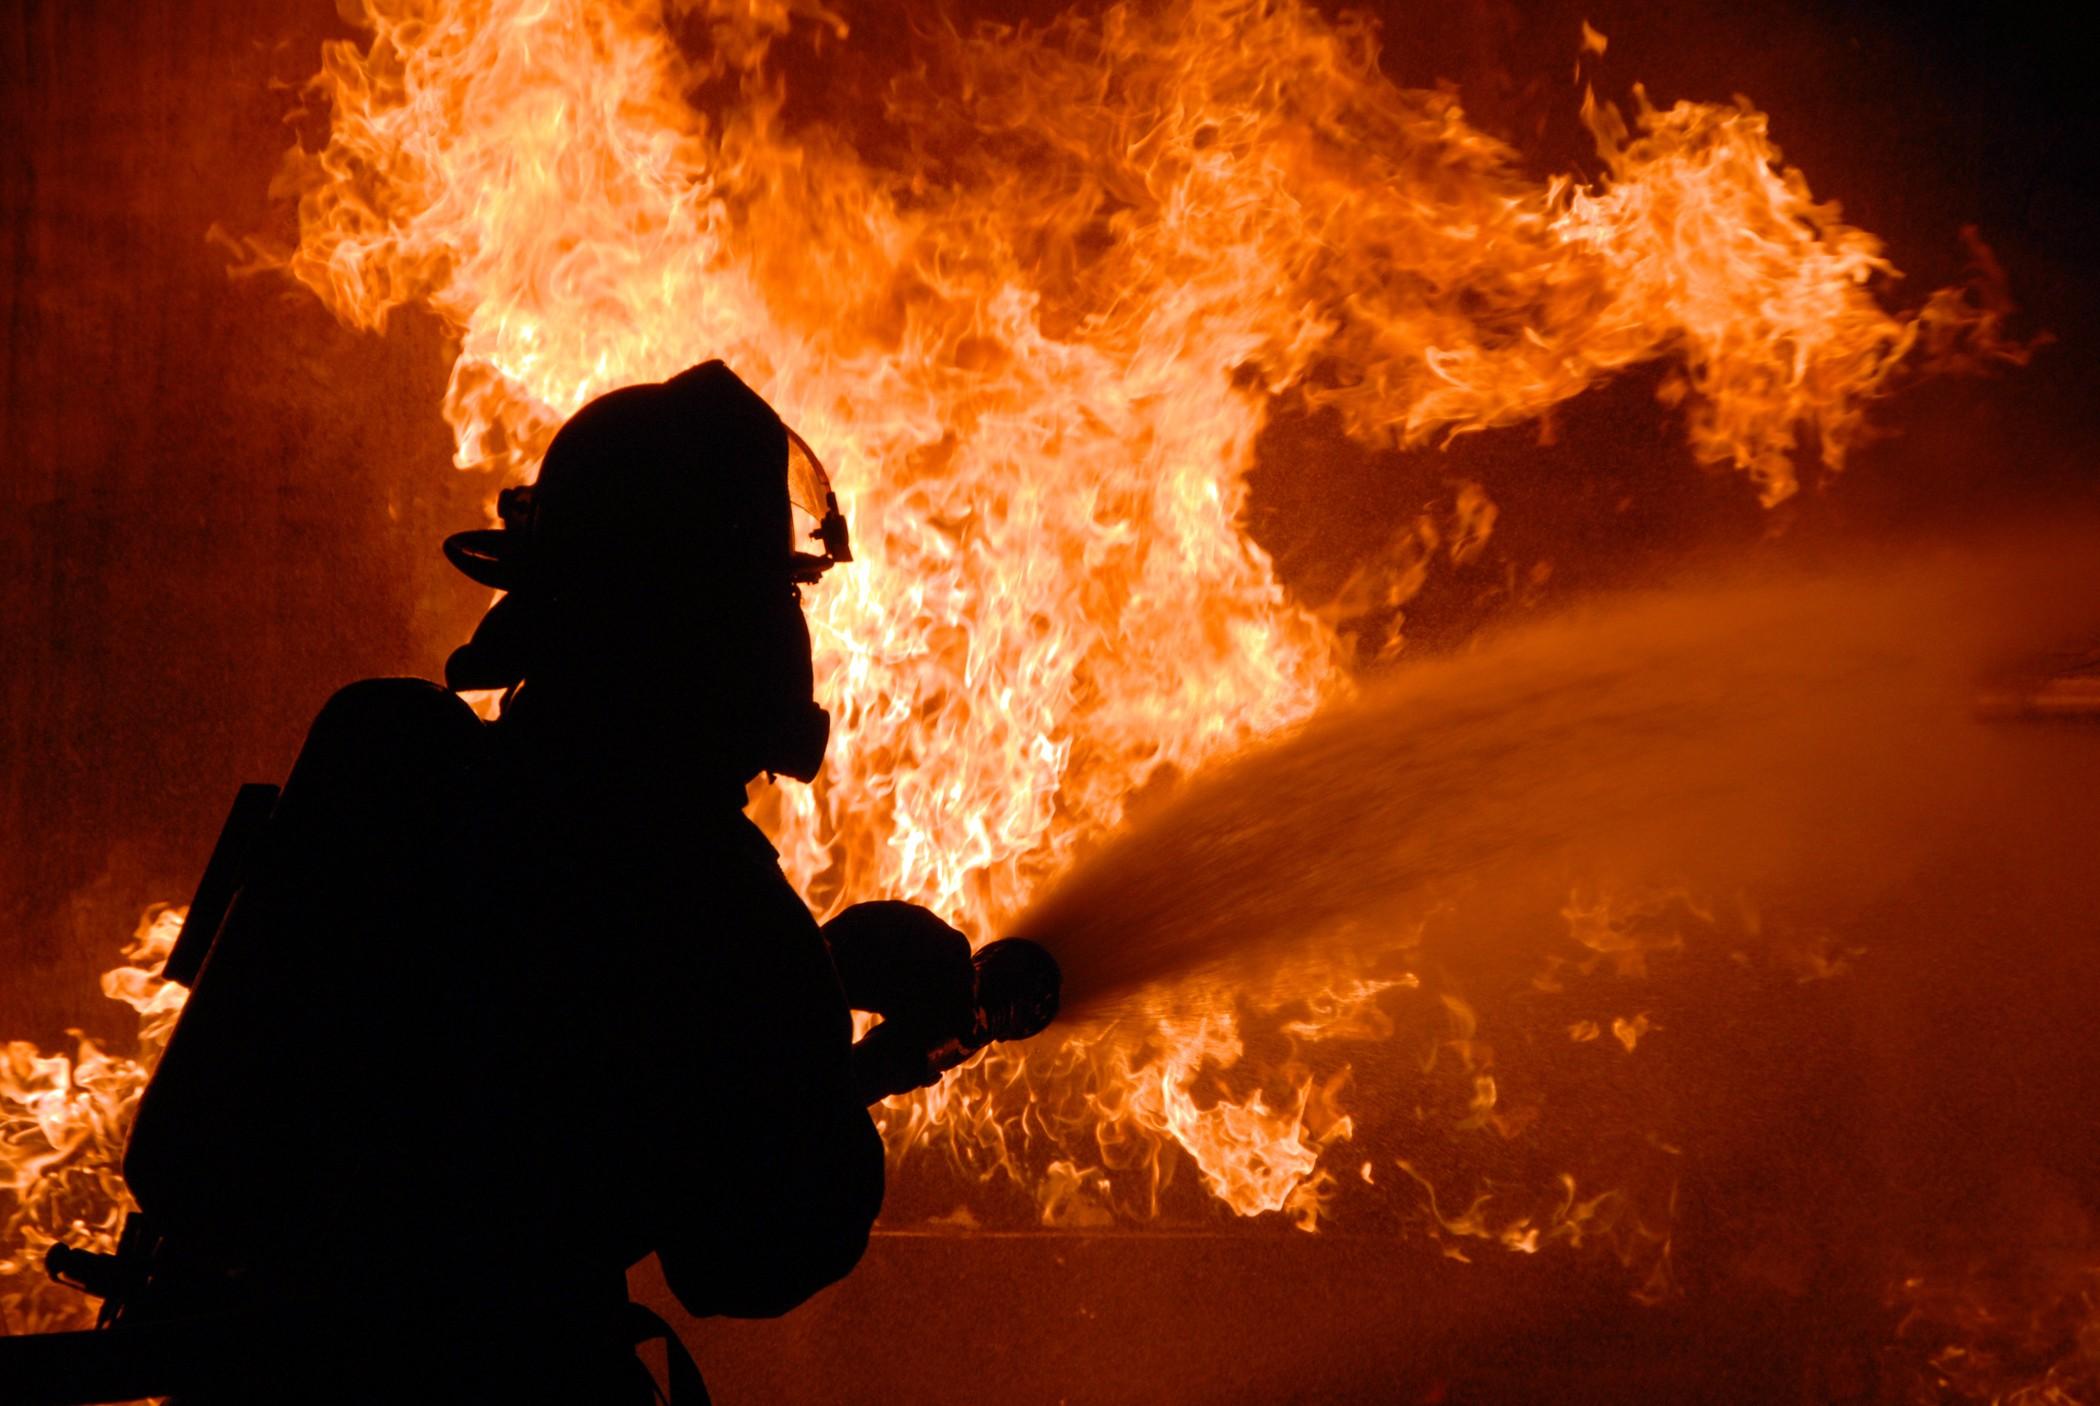 В Харькове загорелась 5-этажка: спасатели эвакуировали людей (фото)